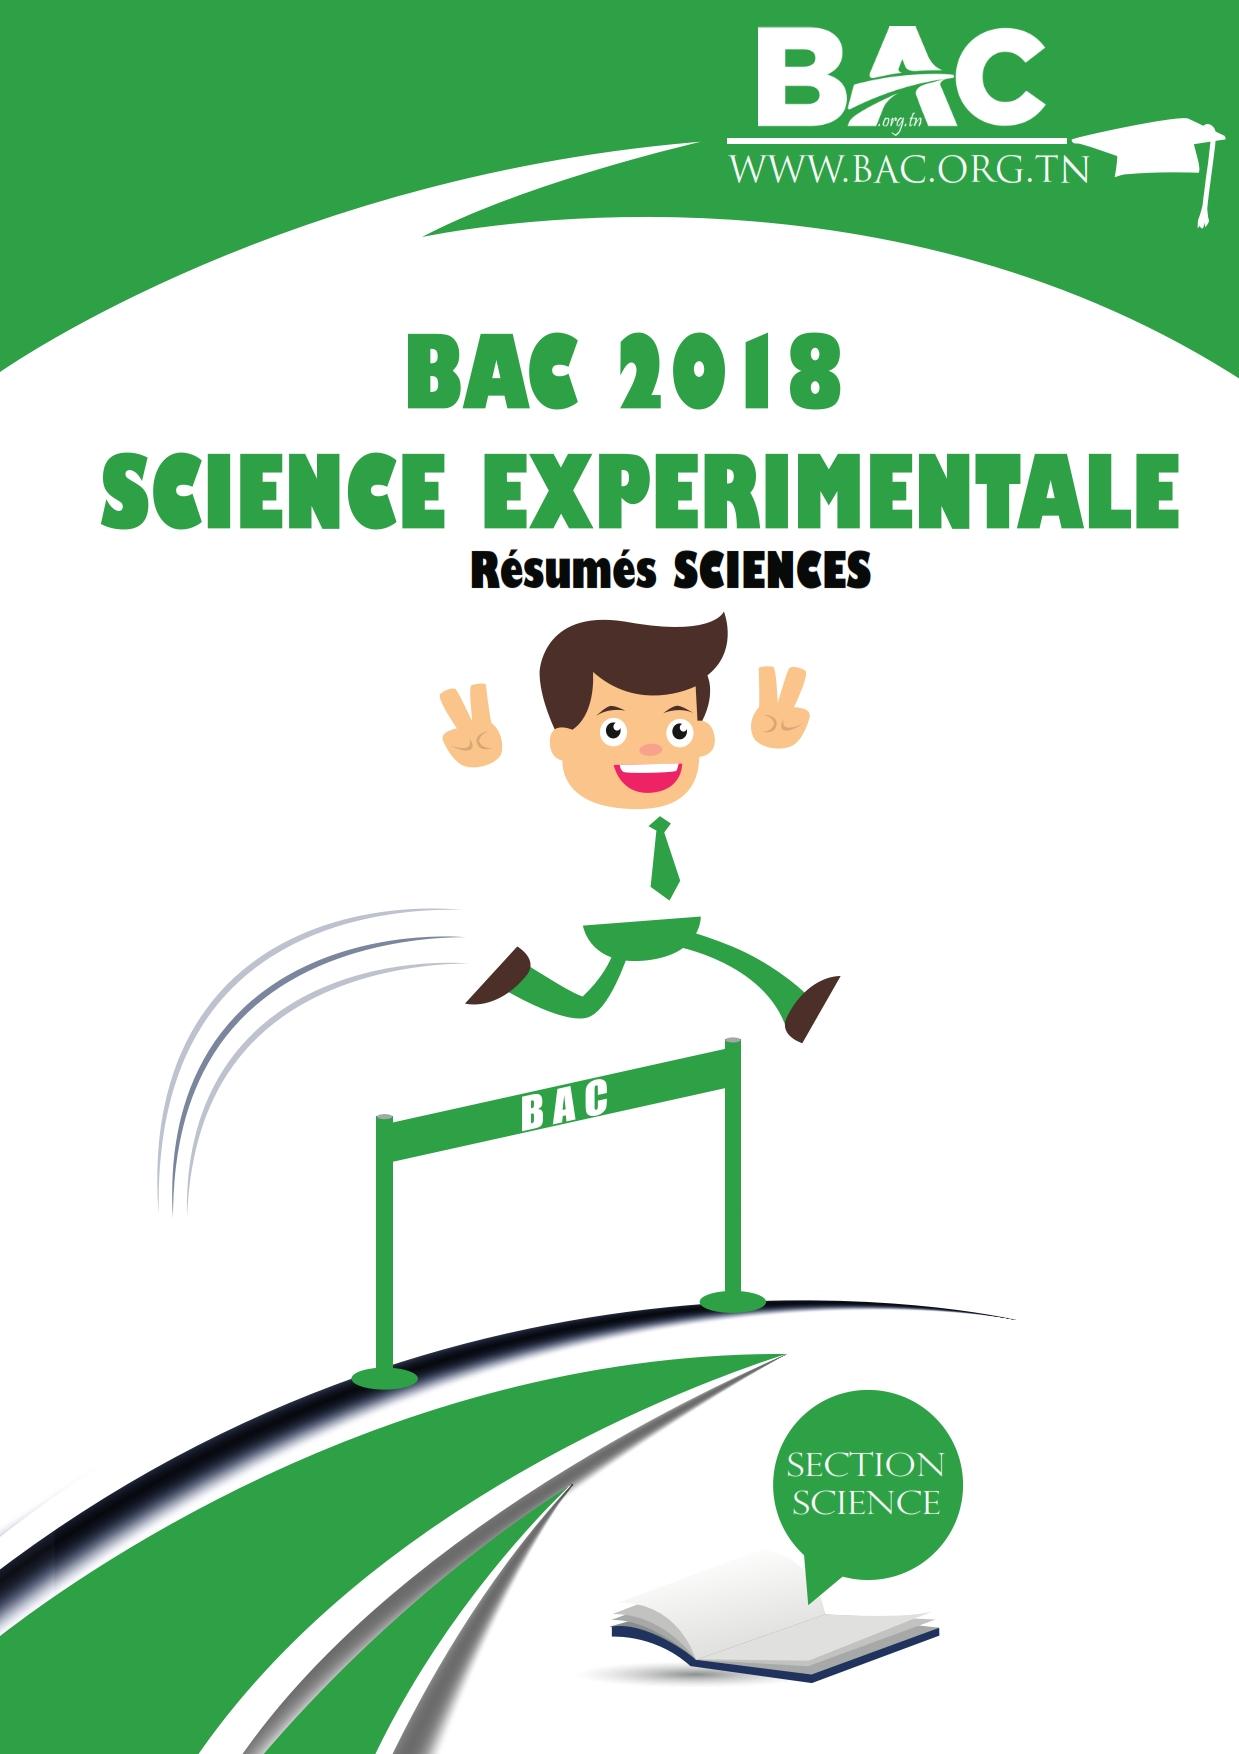 rsums sciences bac - Resume Francais Bac Science